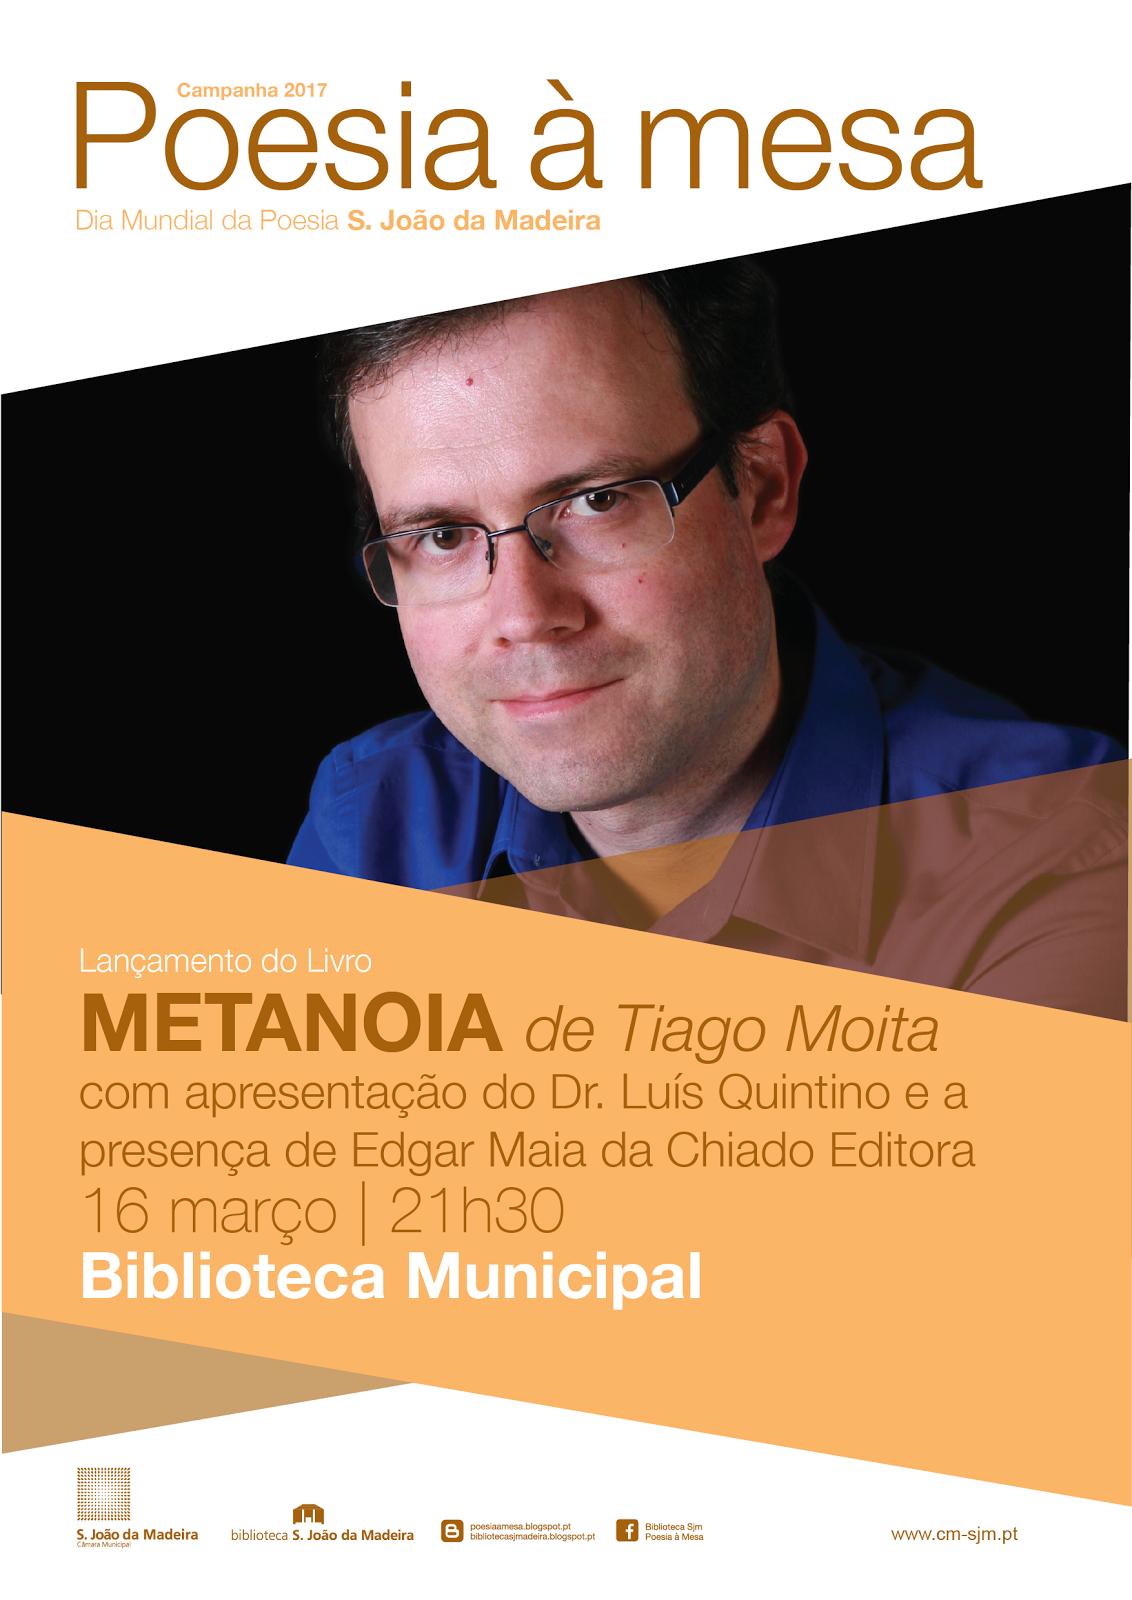 """LANÇAMENTO DO LIVRO """"METANOIA"""", 21h30, Biblioteca Municipal"""